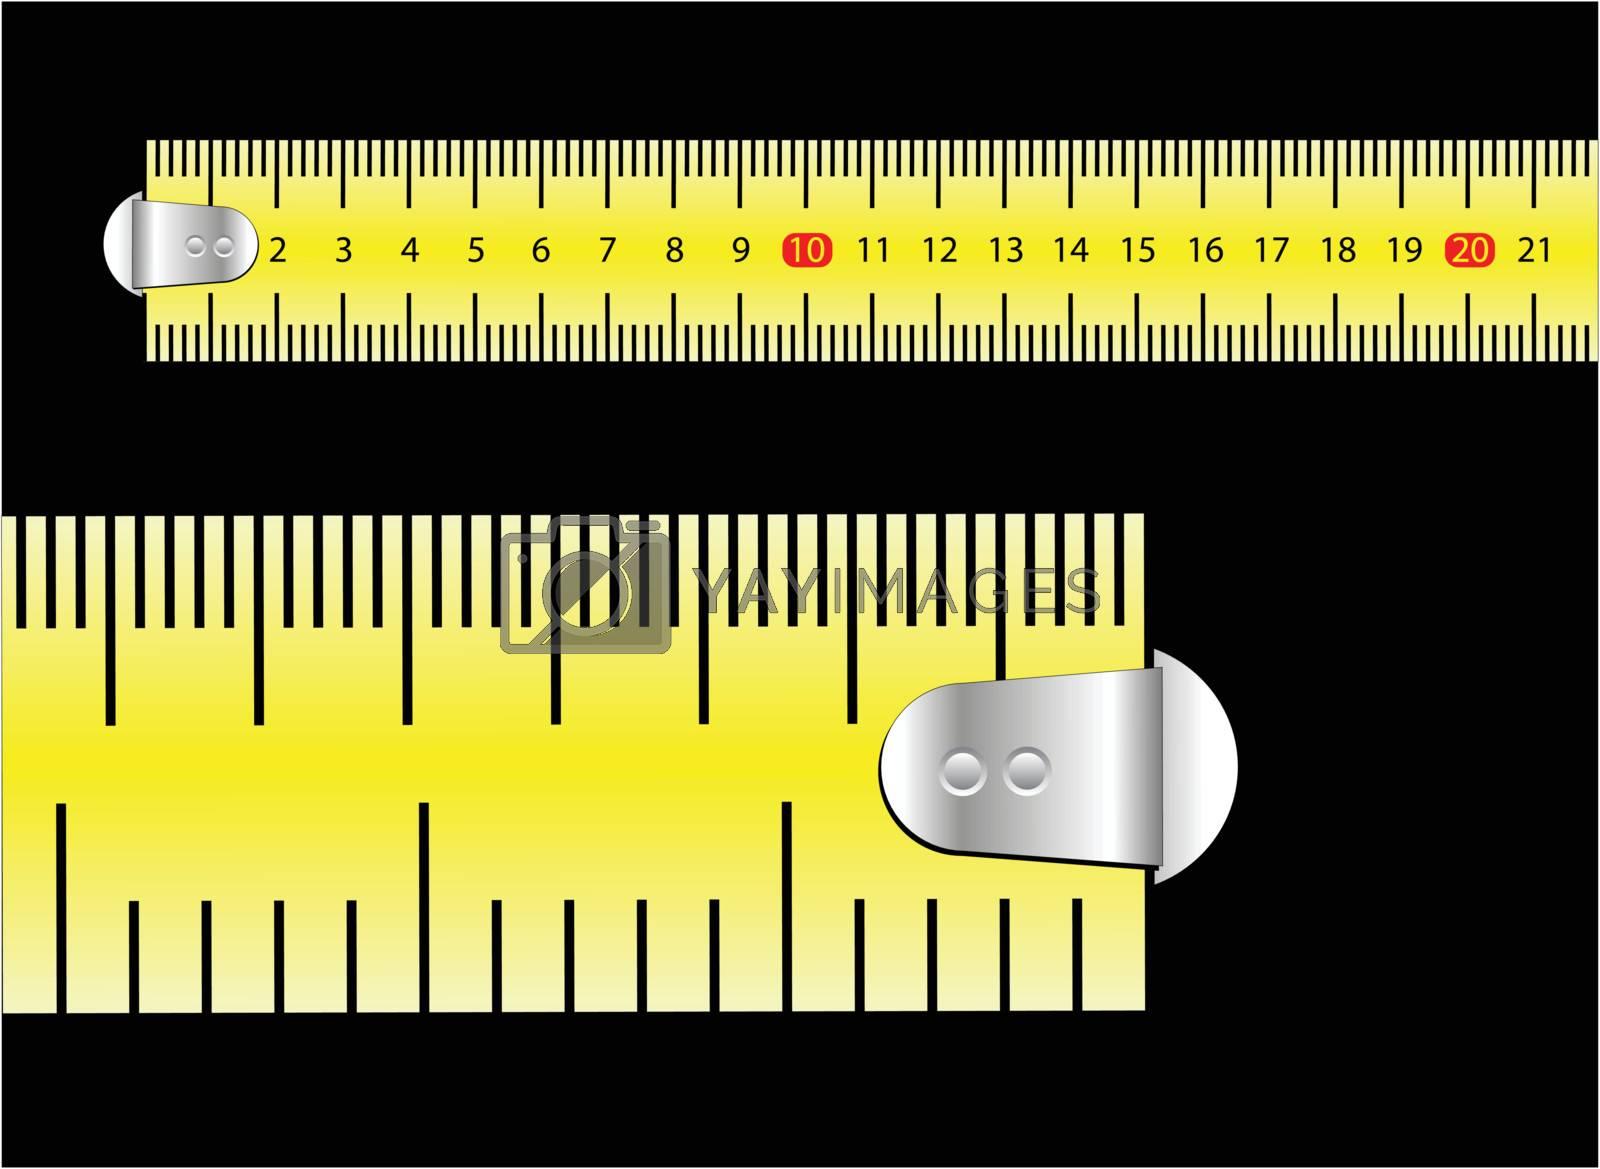 Royalty free image of tape measure by emirsimsek